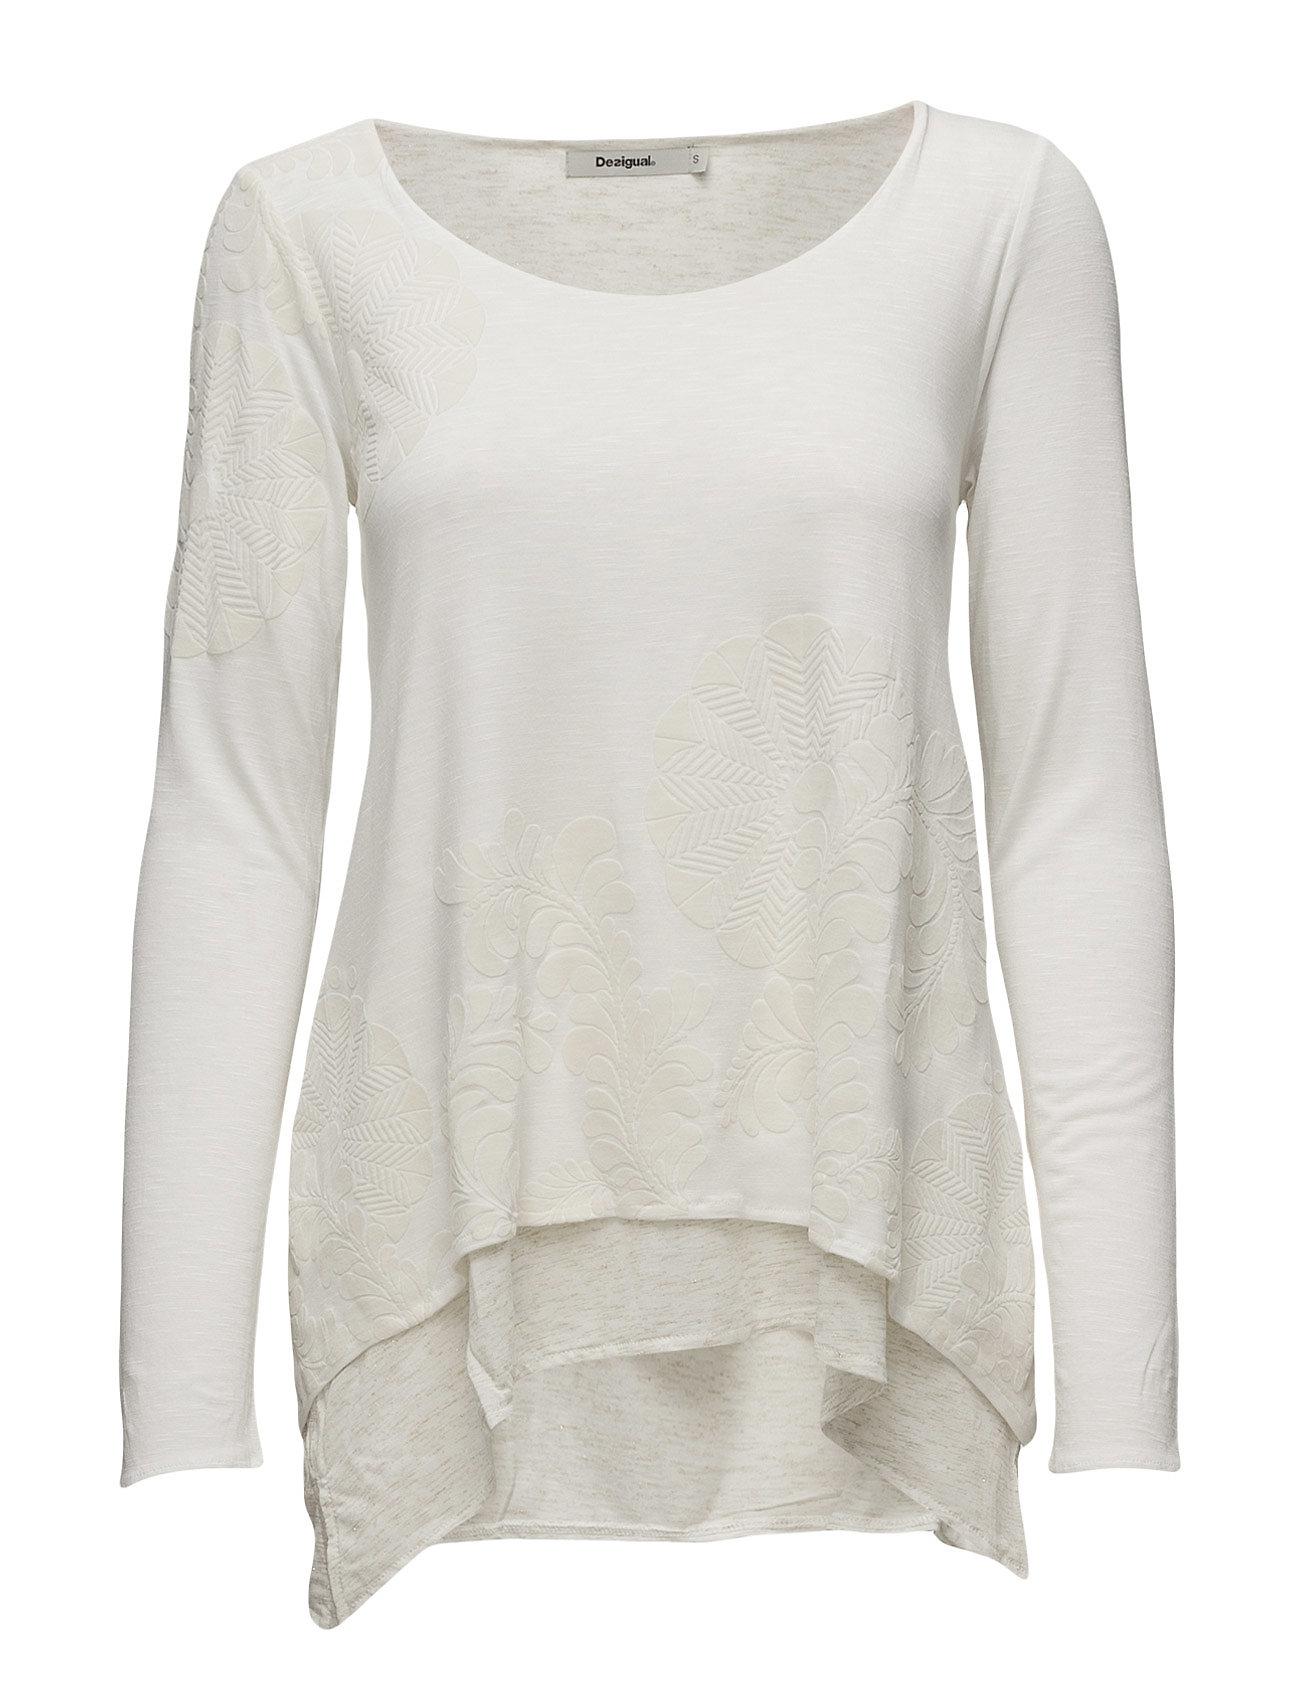 0ae3e919d64 Køb Ts Sami Desigual T-shirts   toppe i crudo til Kvinder fra Boozt.dk